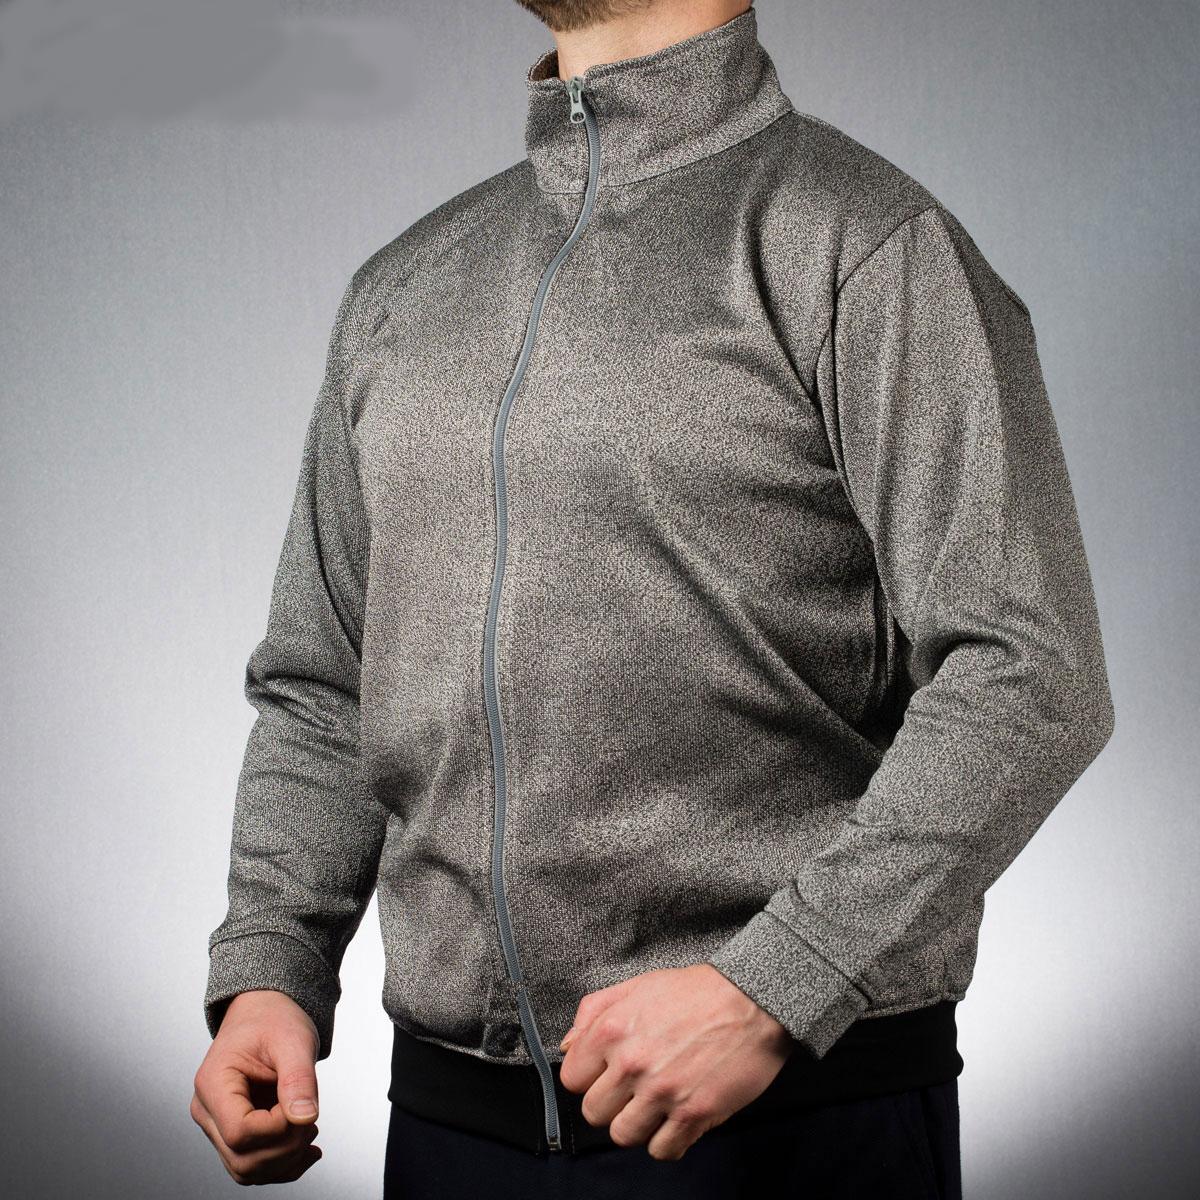 SlashPRO Slash Resistant Clothing Jacket